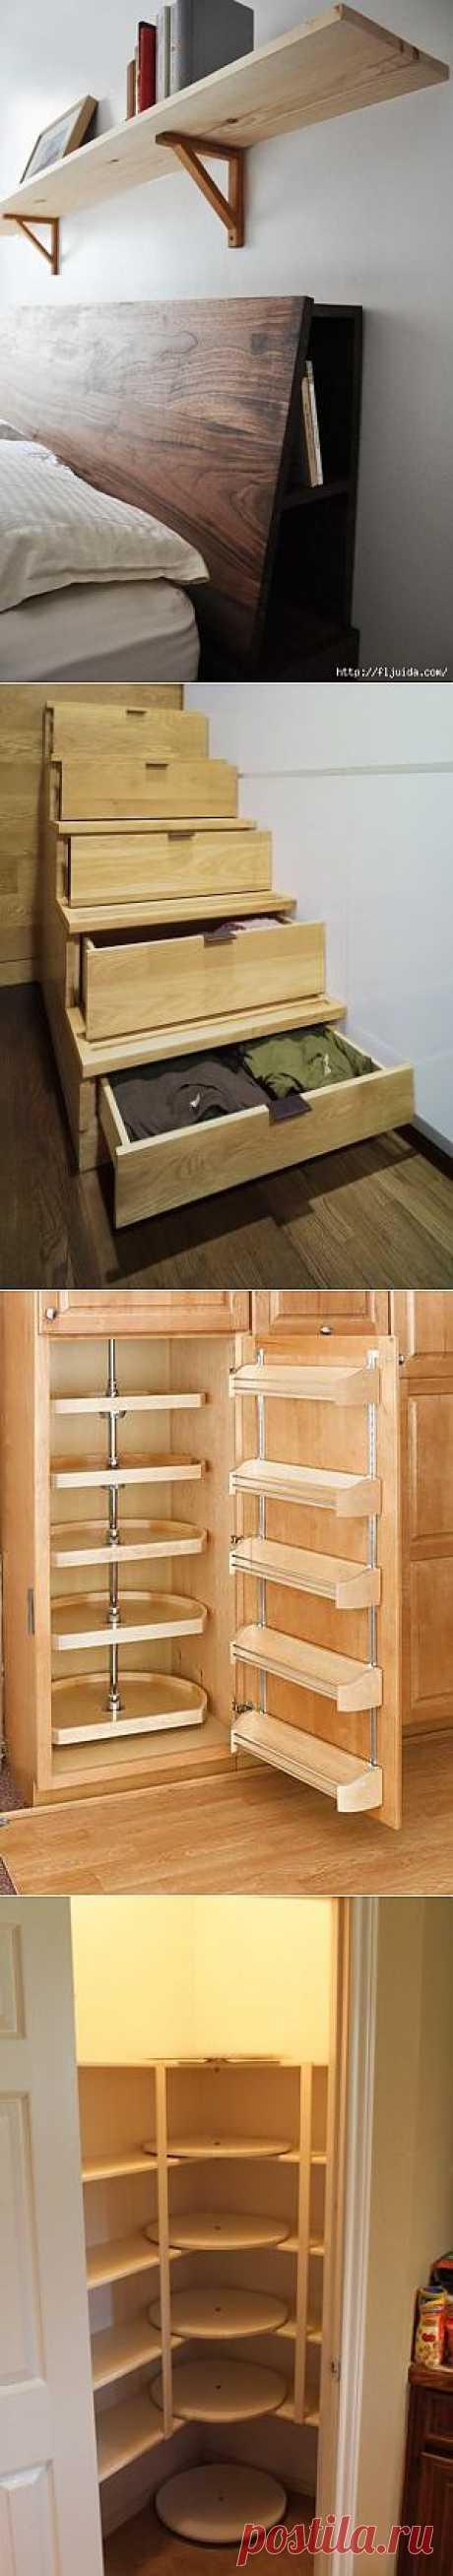 Идеи удобных мест для хранения в интерьере..